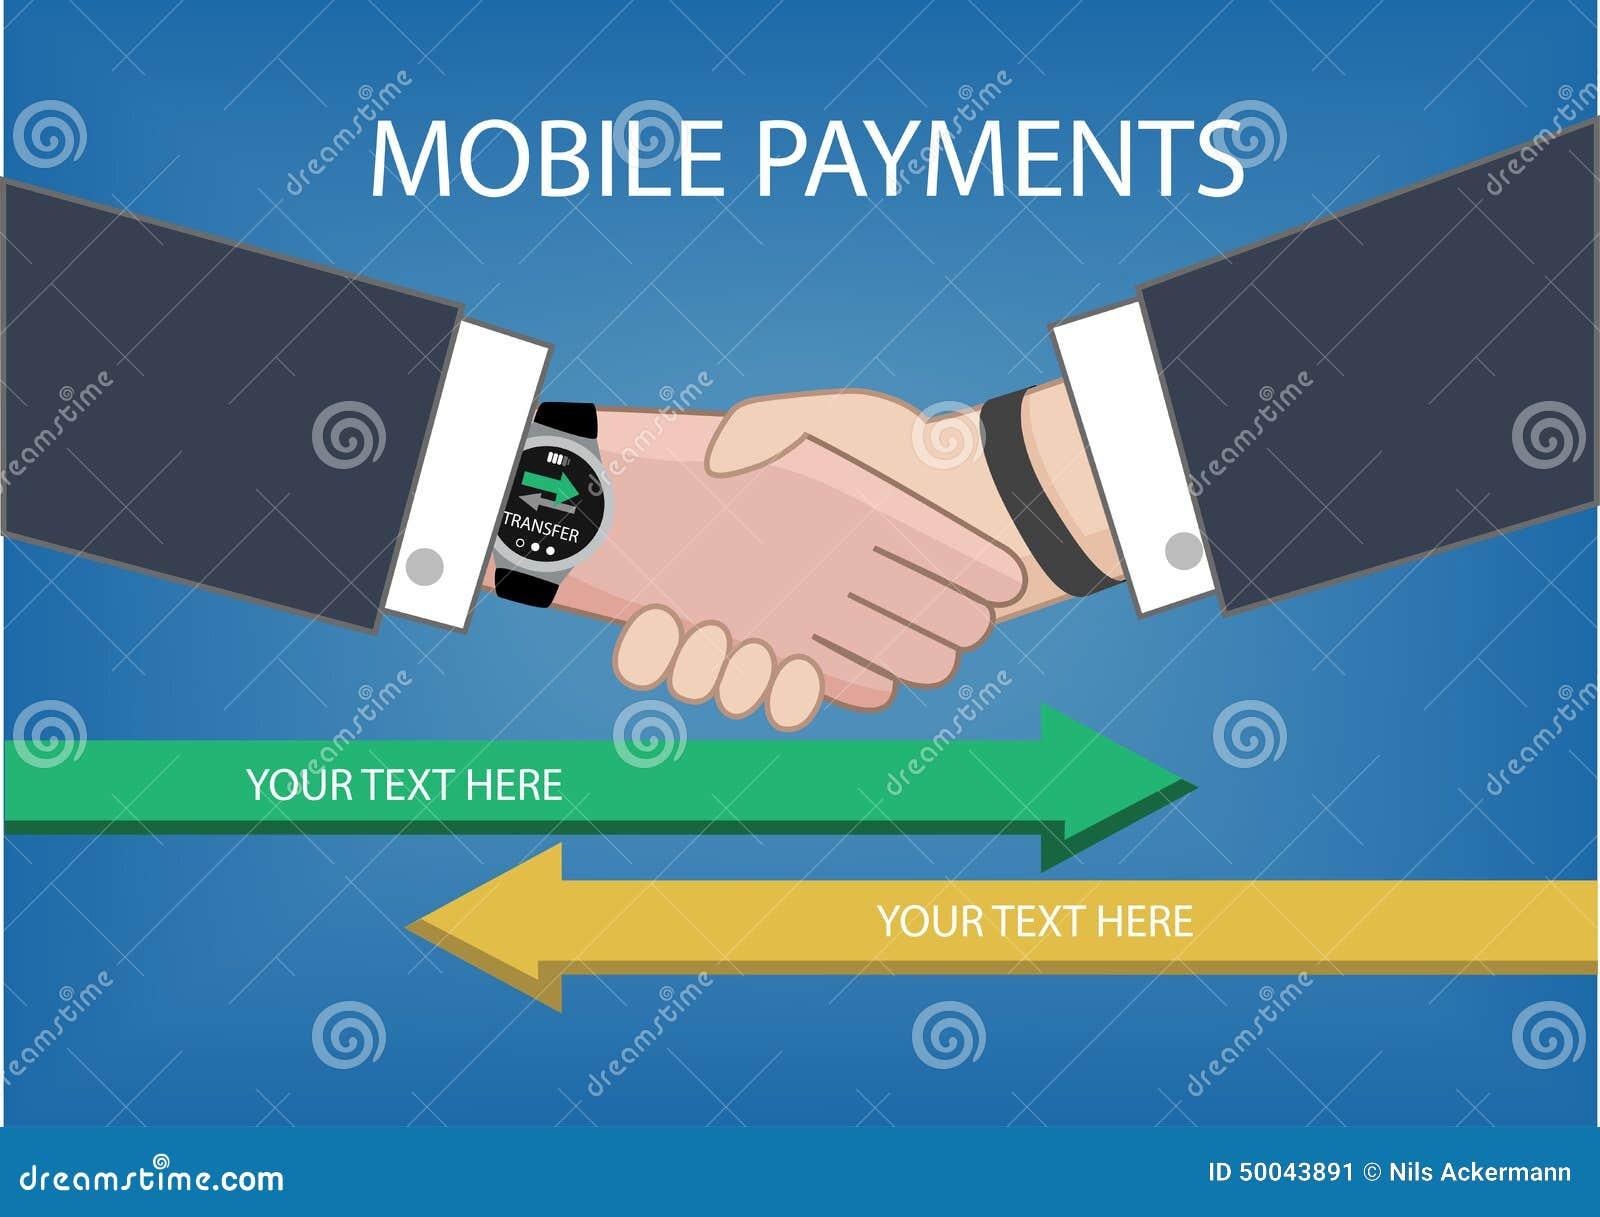 Den plana designstilillustrationen av modernt ilar klockan med att bearbeta av mobila betalningar från en apparat till andra